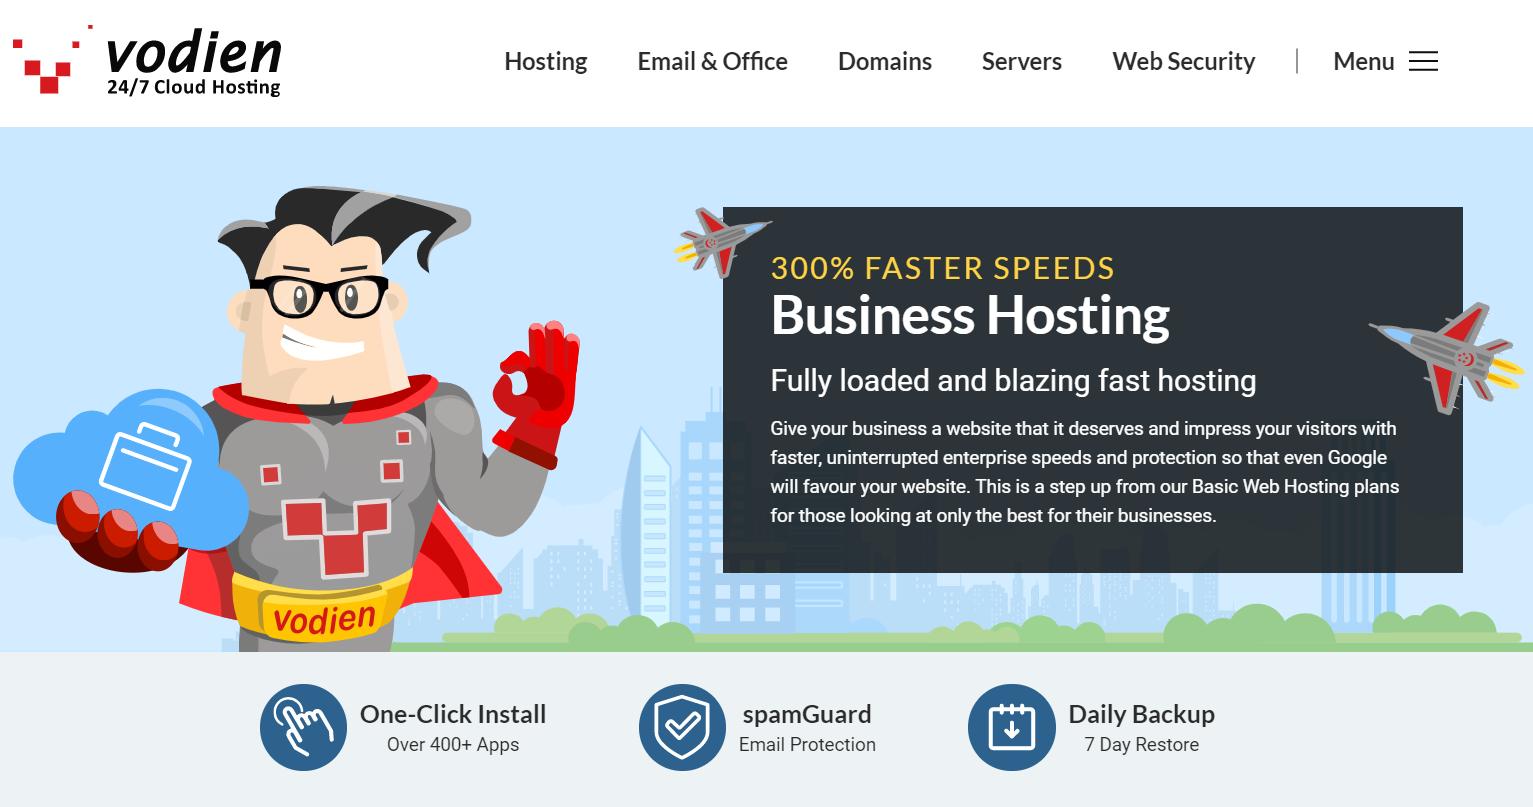 screenshot of vodien homepage